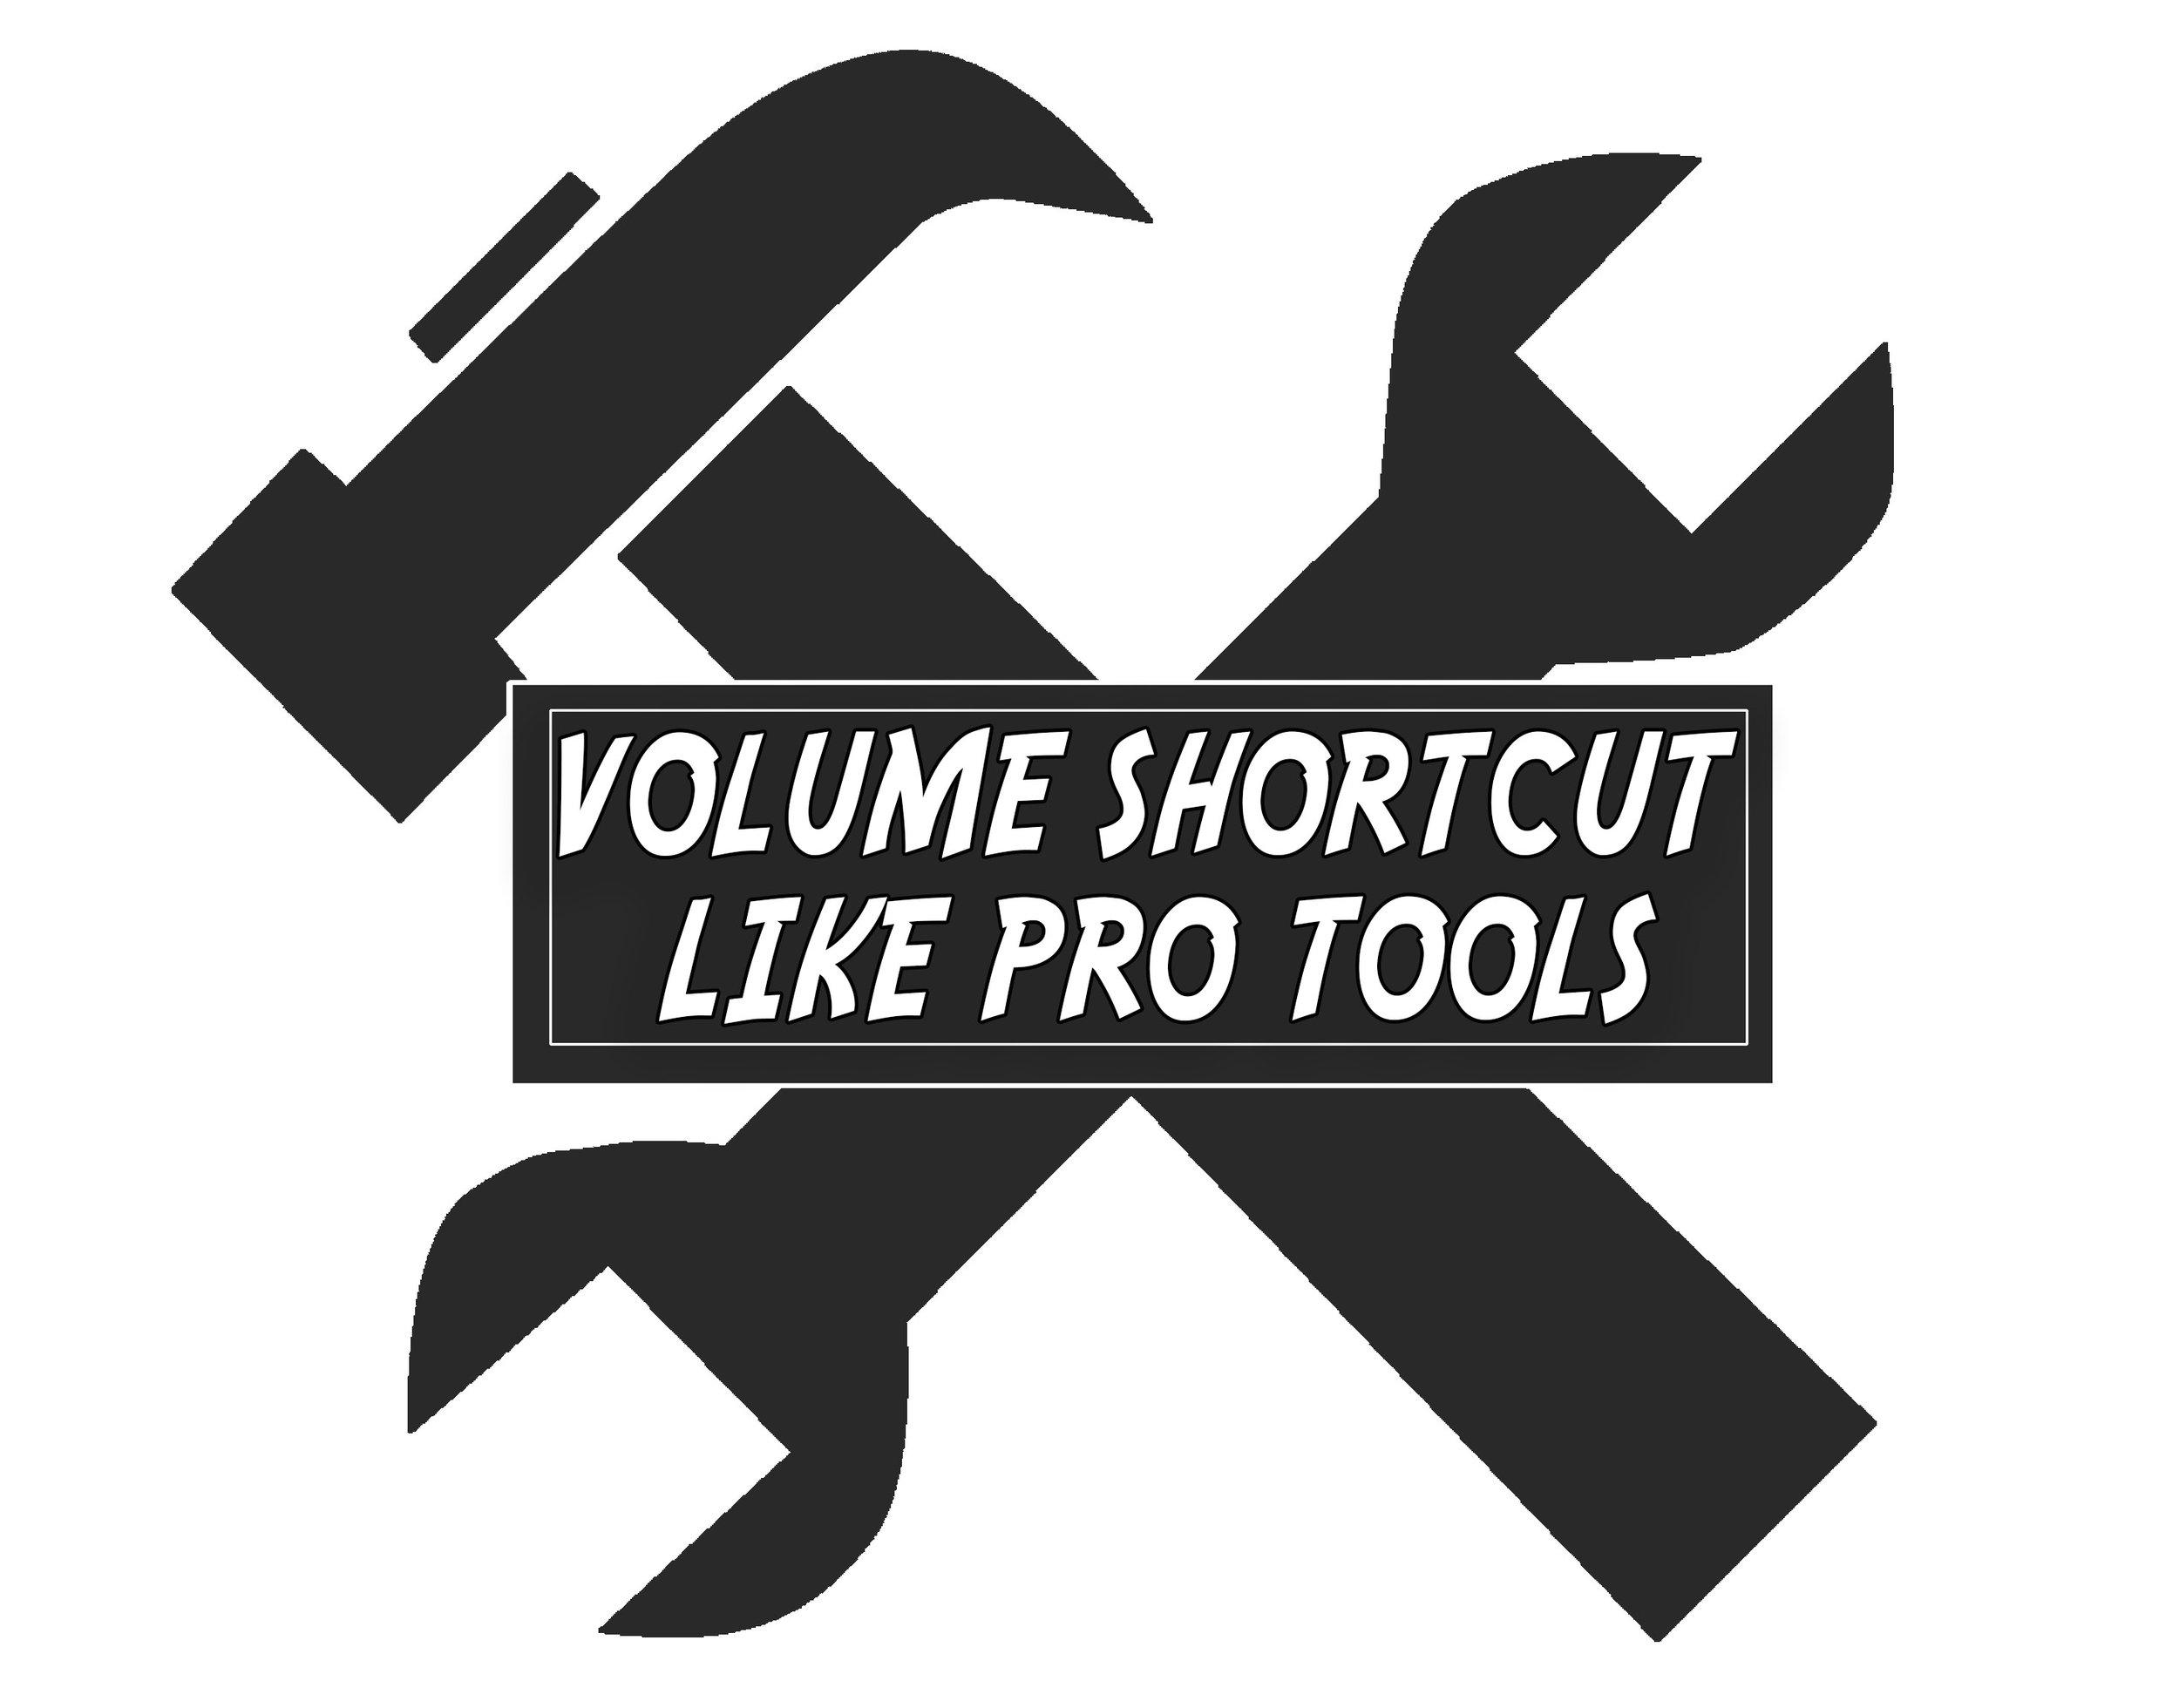 VolumeShortcutlikeProTools.jpg